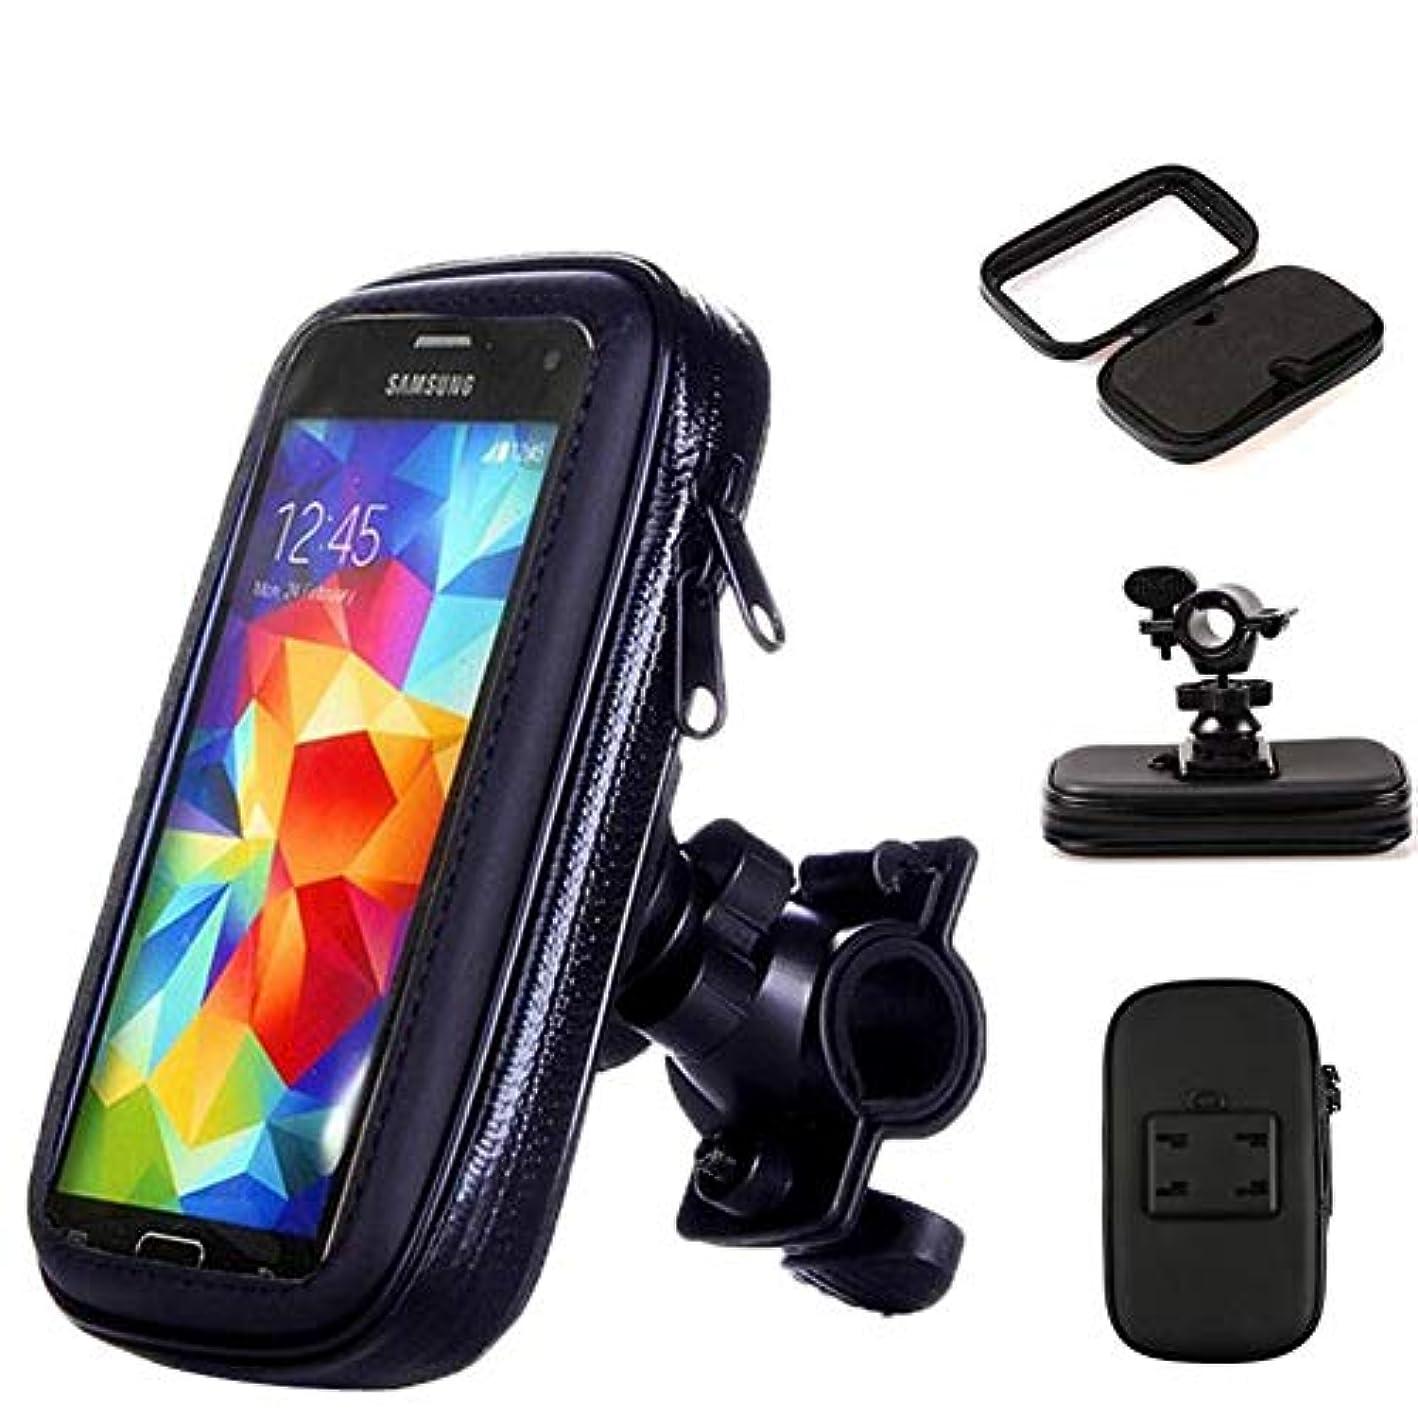 評判謝罪する名義で緊張オートバイ自転車携帯電話ホルダー - 防水タッチスクリーン携帯電話ホルダー - Gpsブラケット防水カバー - Iphone X 8 Plus Se S9のようなほとんどの電話サイズに適してい,Black,S